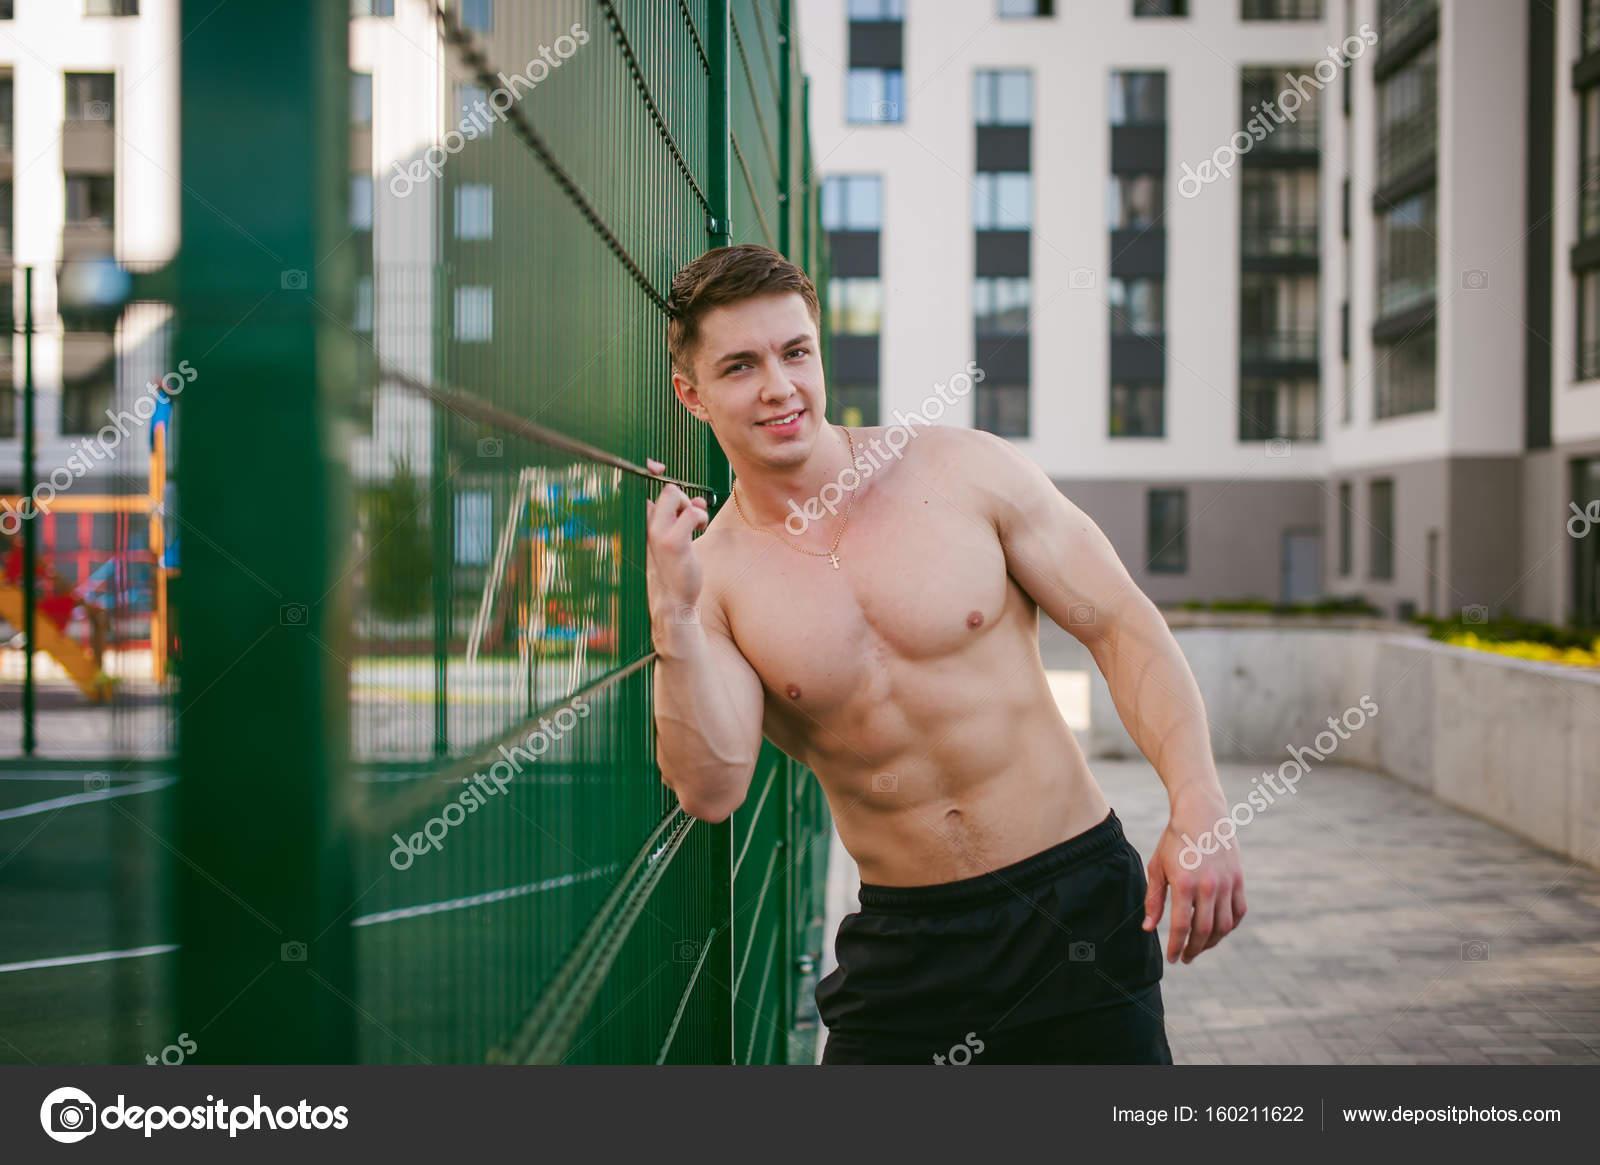 Сексуальные позы спортсменов